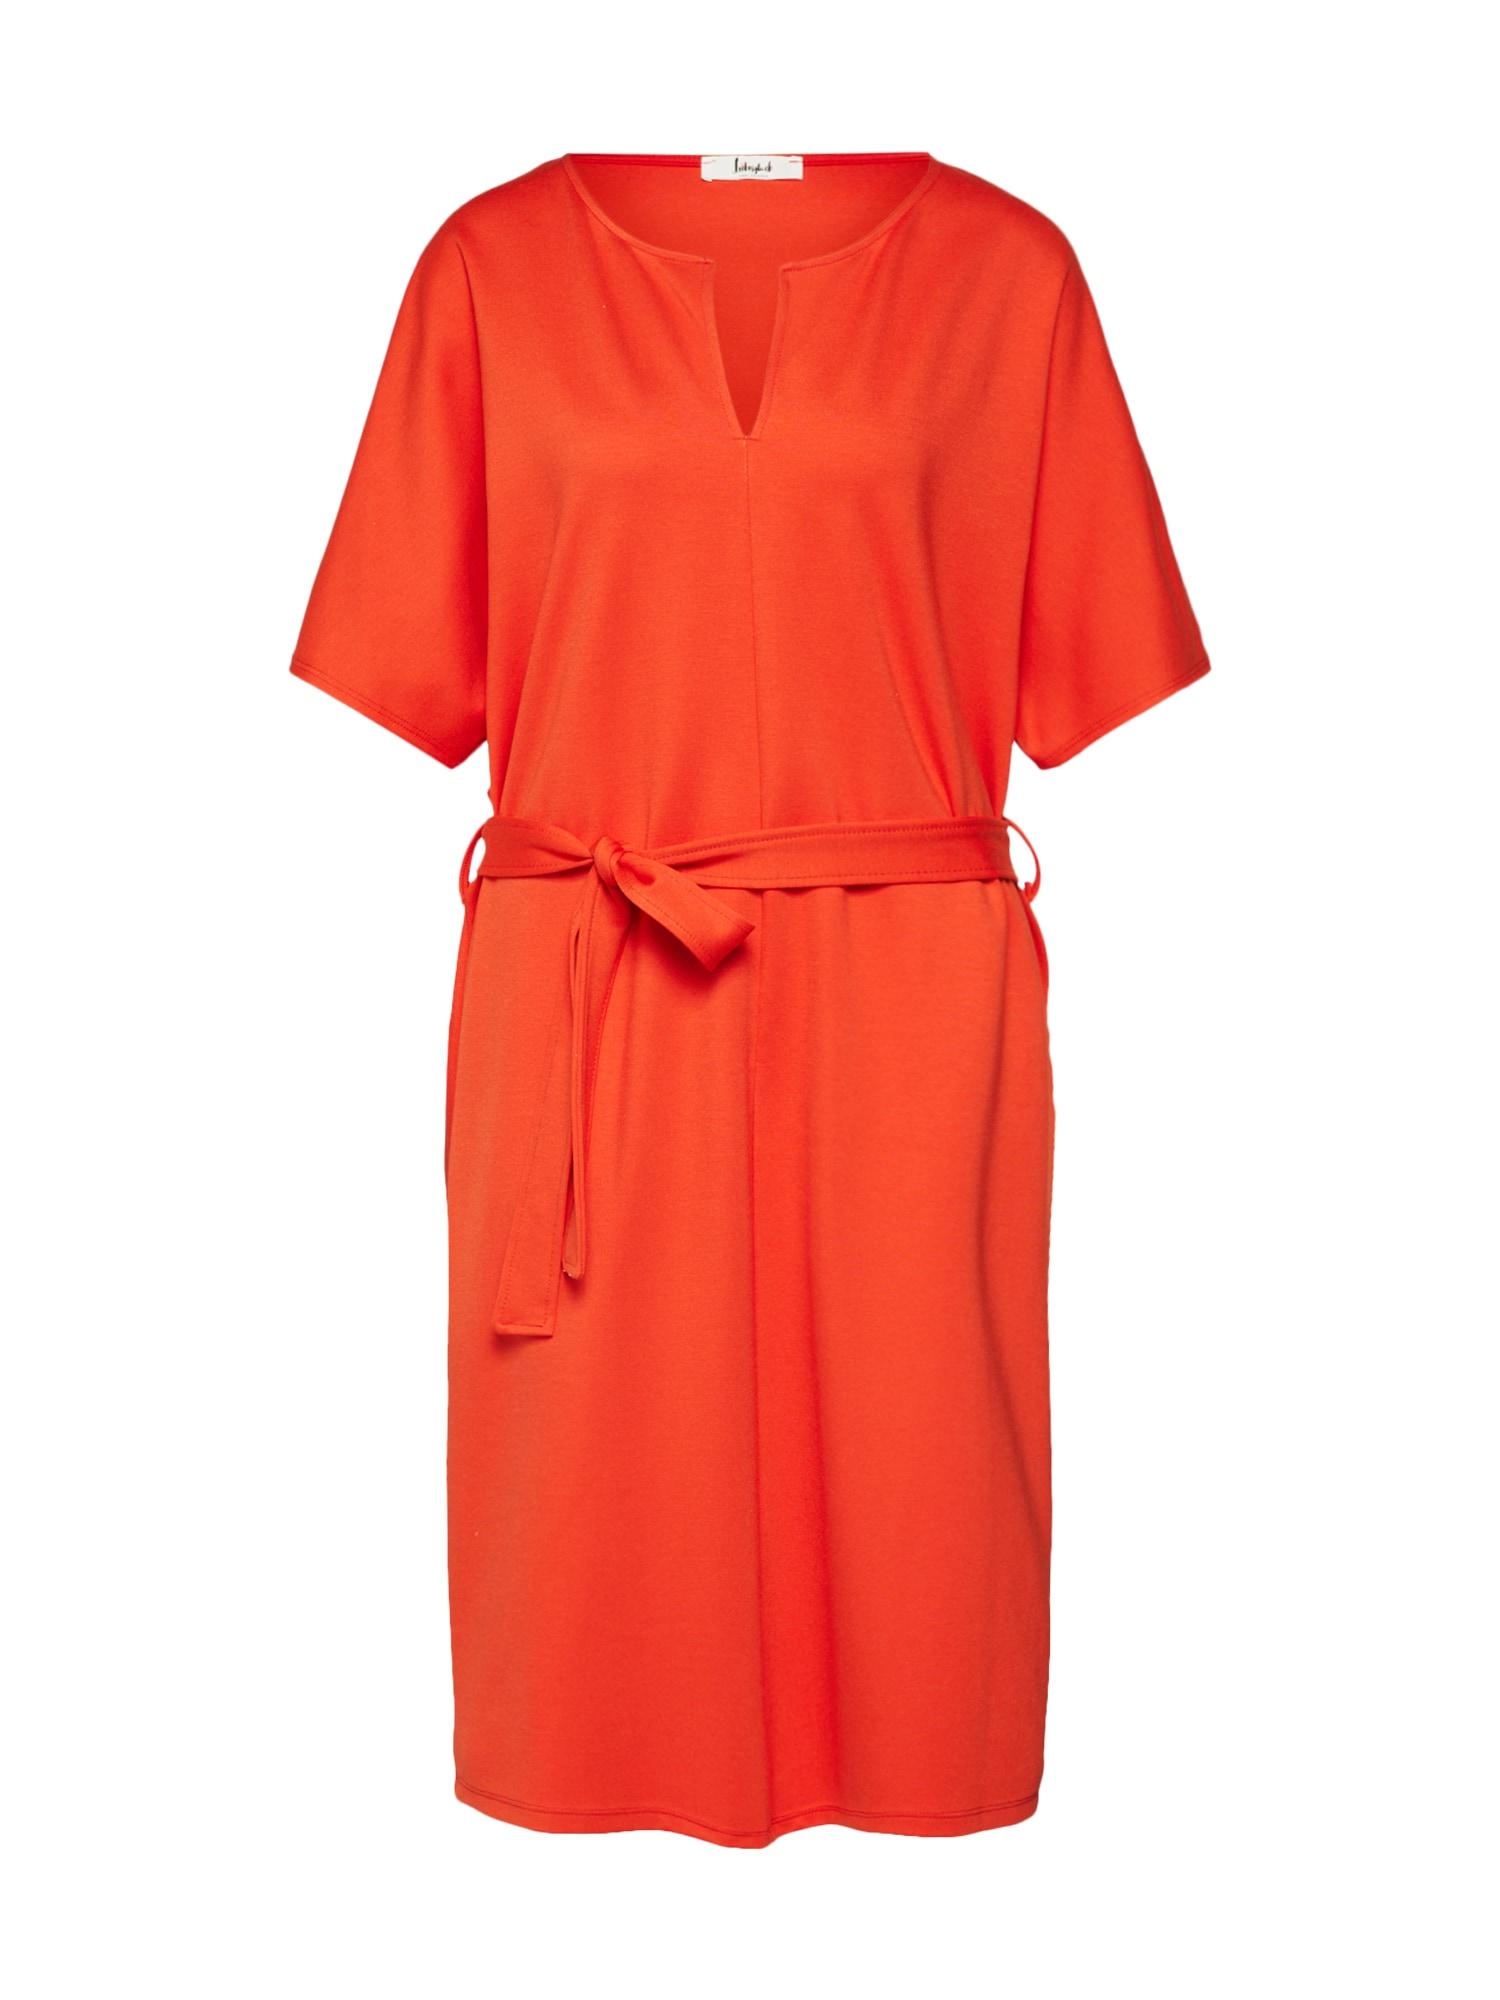 Košilové šaty LG007820 oranžově červená Liebesglück